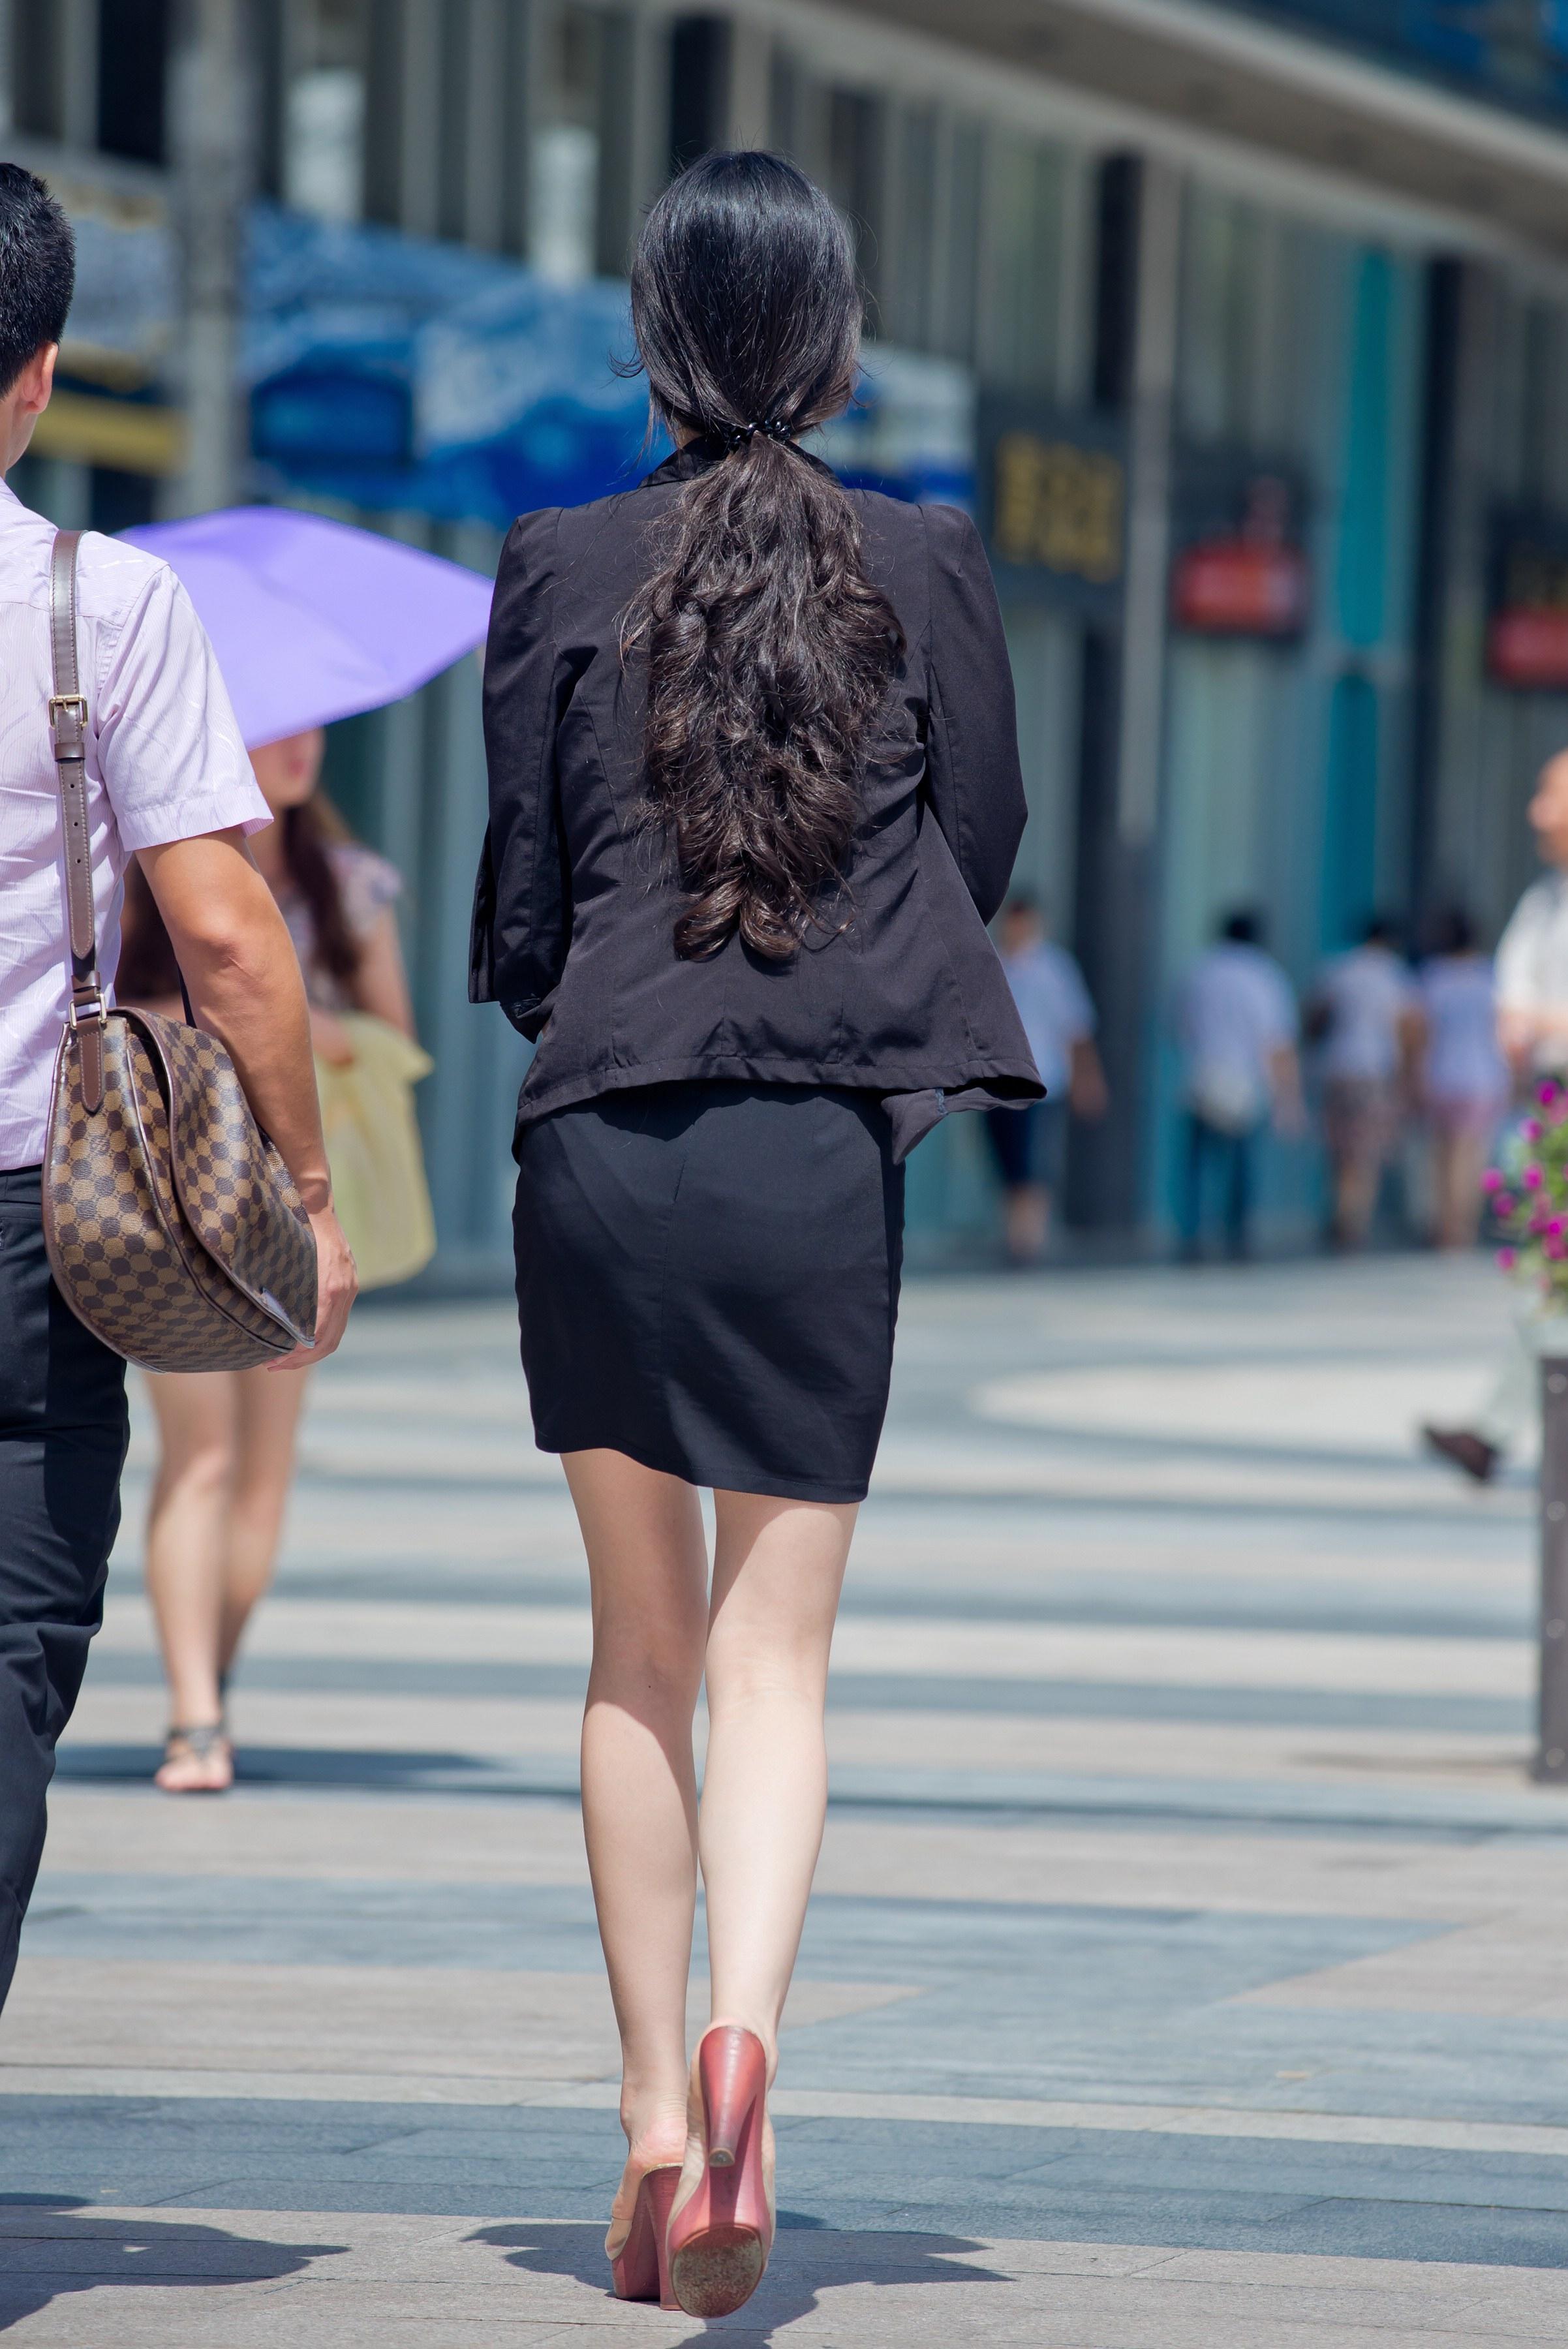 街拍套装:美女美女长腿凉拖短裙联盟榜百大图片